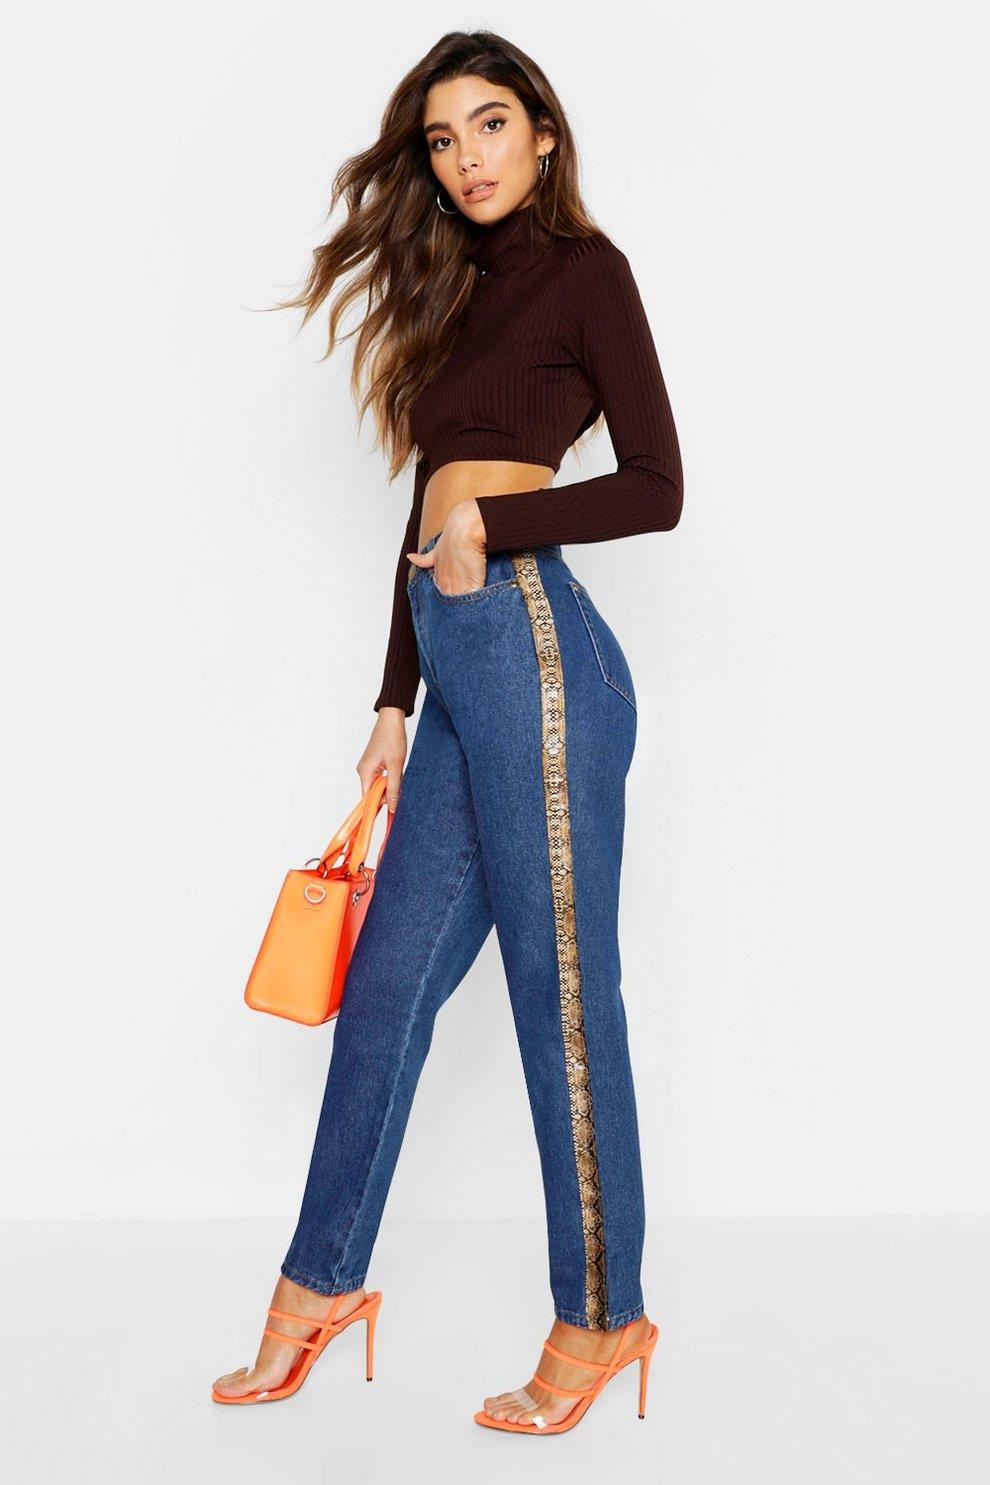 c698db96c1e8 Мамины джинсы с виниловыми полосками по бокам под змею